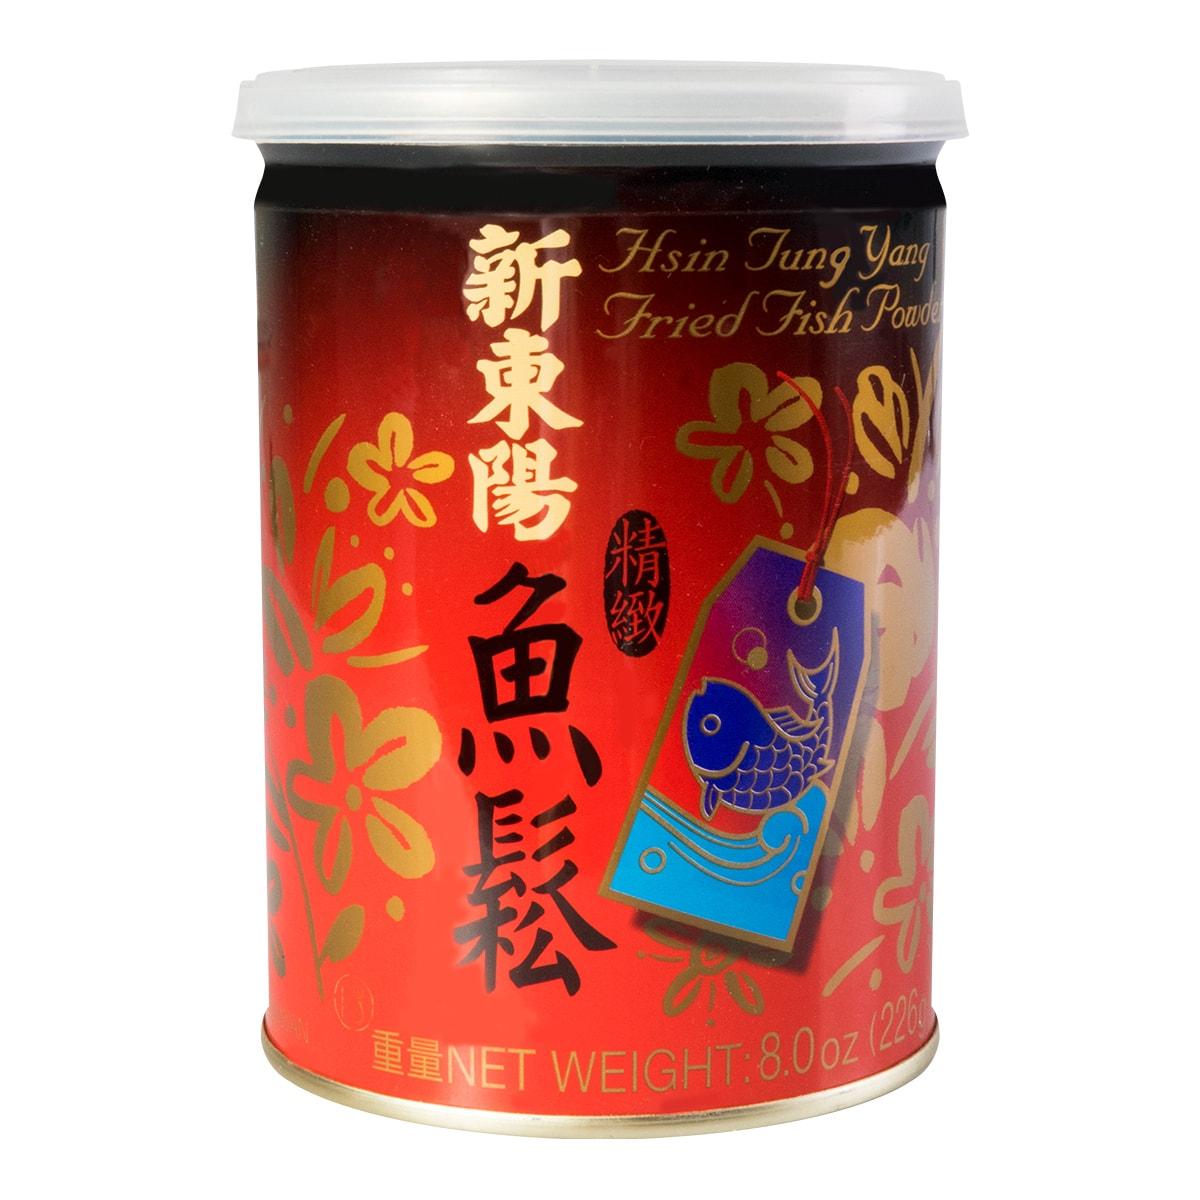 台湾新东阳 精致鱼松 铁罐装 226g